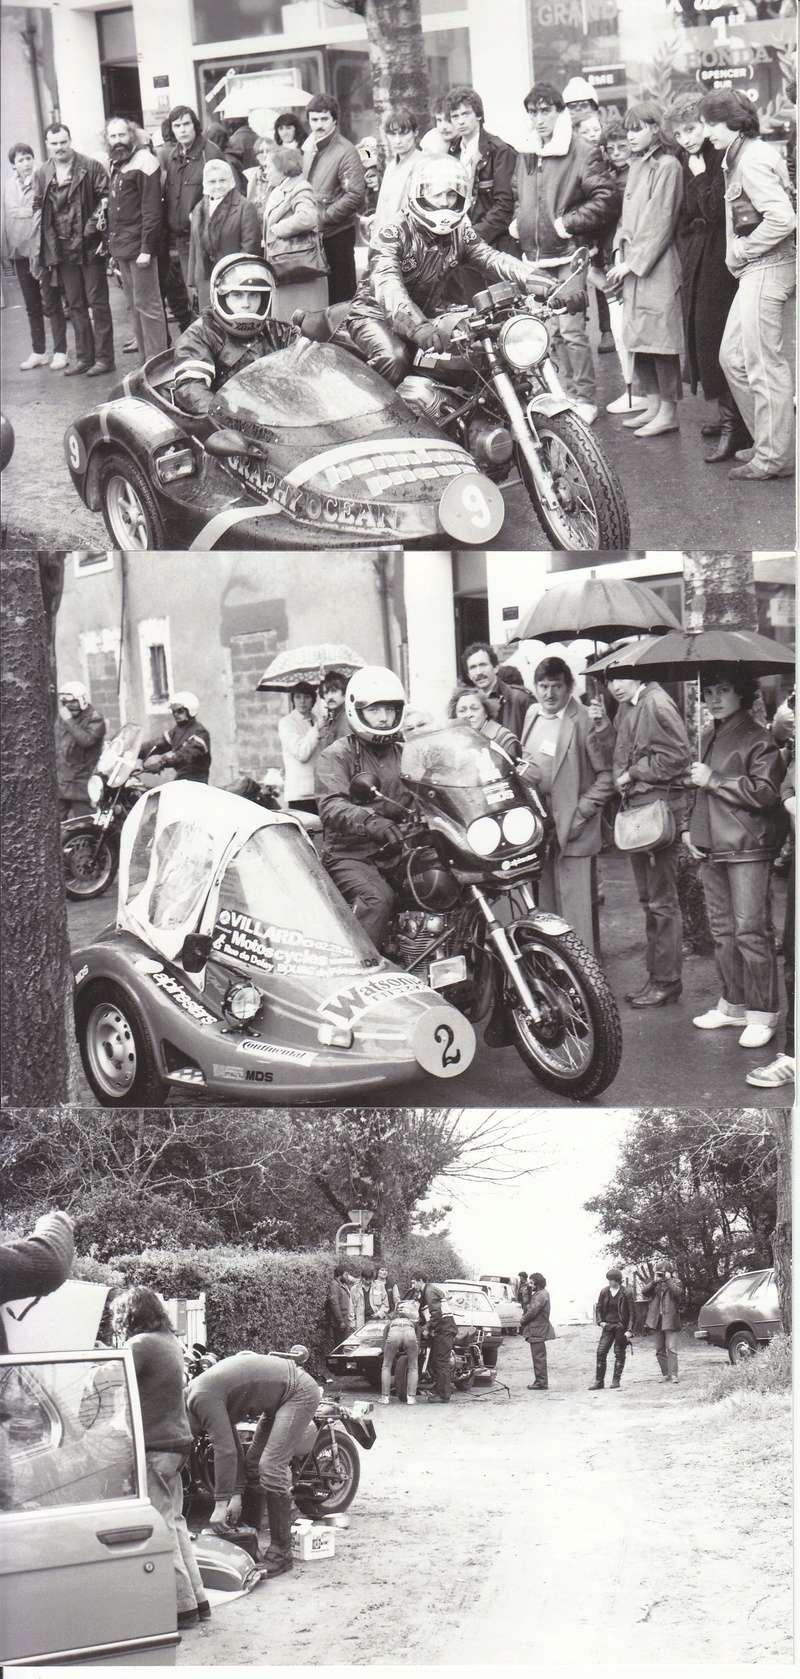 [Oldies] 1980 à 1988: Le Tour de France side-car, par Joël Enndewell  - Page 17 Sans_t51